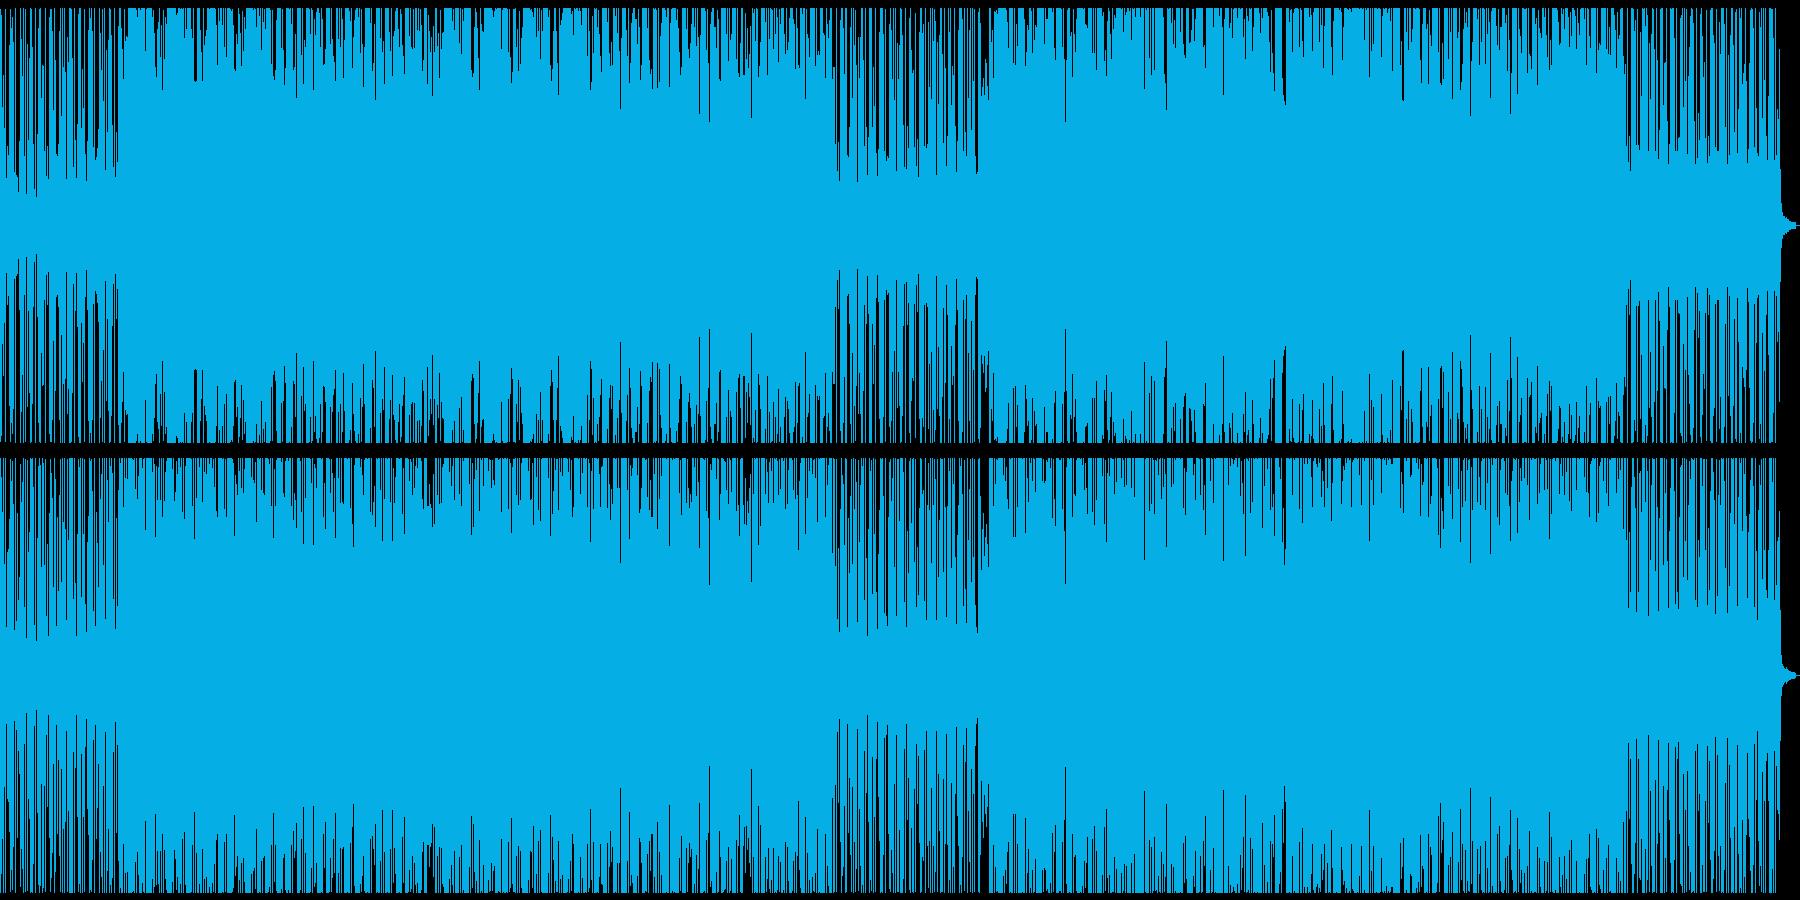 メロウでオシャレなピアノヒップホップの再生済みの波形